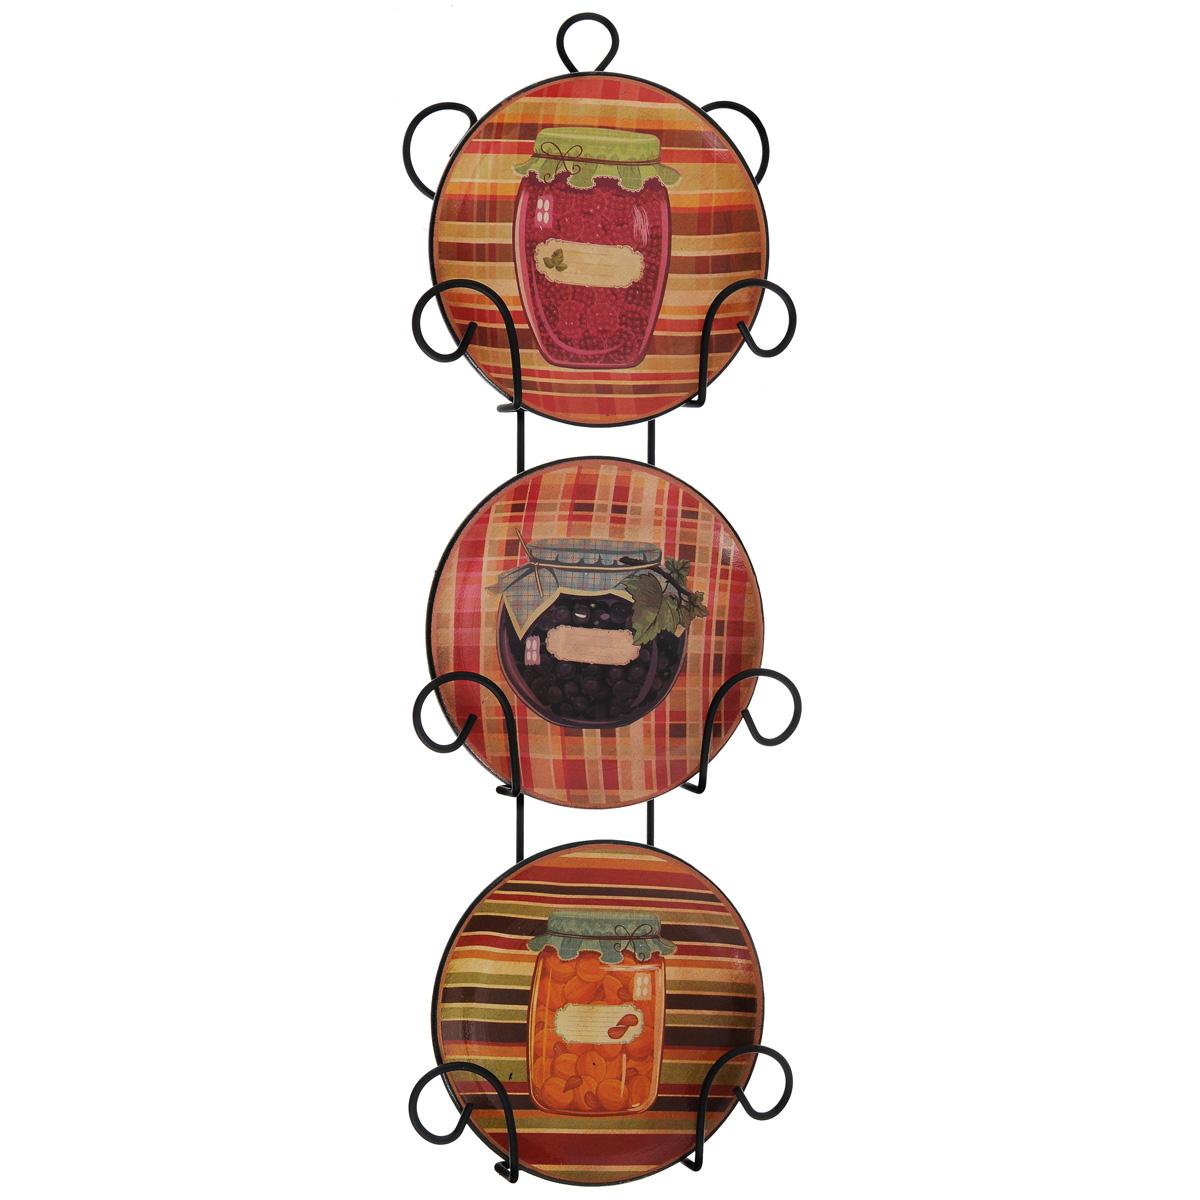 Набор декоративных тарелок Разносолы, диаметр 10 см, 3 шт54 009312Набор из трех декоративных тарелок с ярким рисунком украсят практически любое ваше помещение, будь то кухня, столовая, гостиная, холл и будут являться необычным дизайнерским решением. Тарелки выполнены из доломитовой керамики, подставка в виде вертикальной этажерки,благодаря которой сувенир удобно и быстро крепится к стене, - из черного металла. Каждая тарелочка, декорированная изображениями баночек с разносолами, помещается в отдельную нишу. Очаровательный набор декоративных тарелок - замечательный подарок друзьям и близким людям. Размер тарелки (без подставки): 10 см х 10 см х 1,5 см. Размер сувенира с подставкой: 2,5 см х 11,5 см х 33 см.